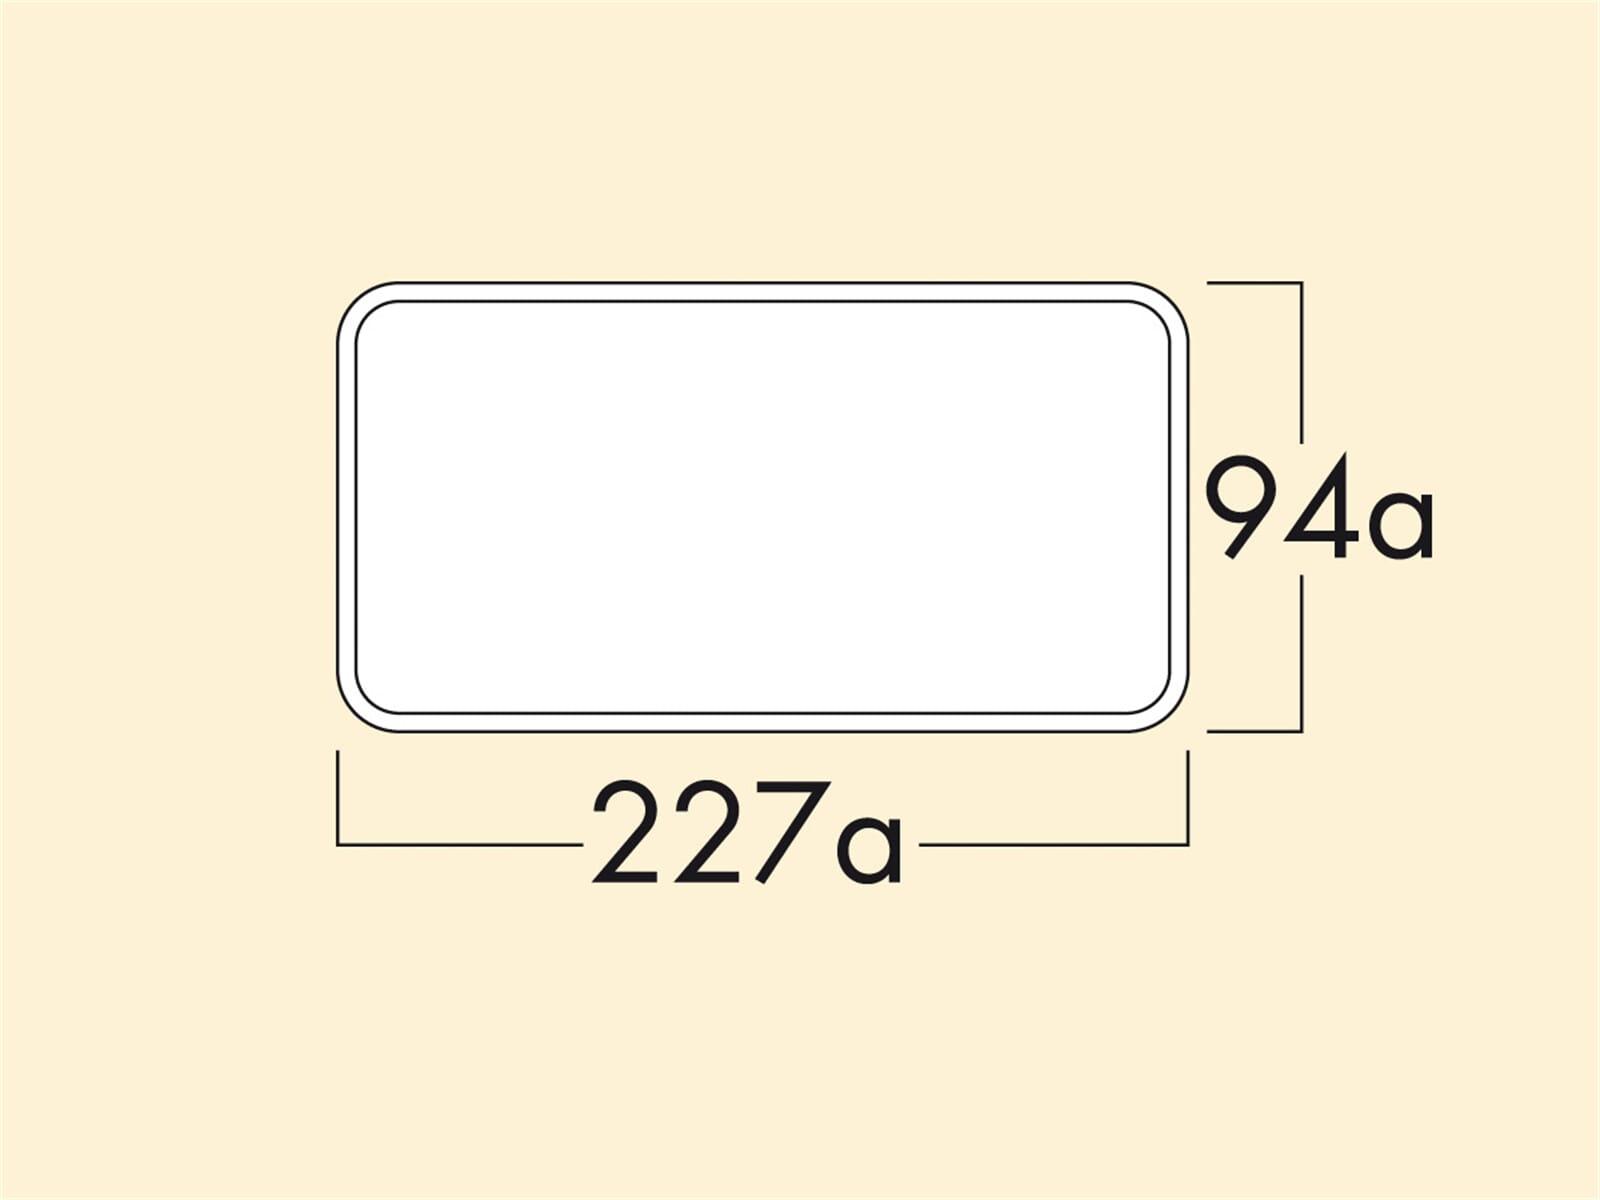 Compair 404.4.050 K-Klima_R flow 150 Mauerkasten